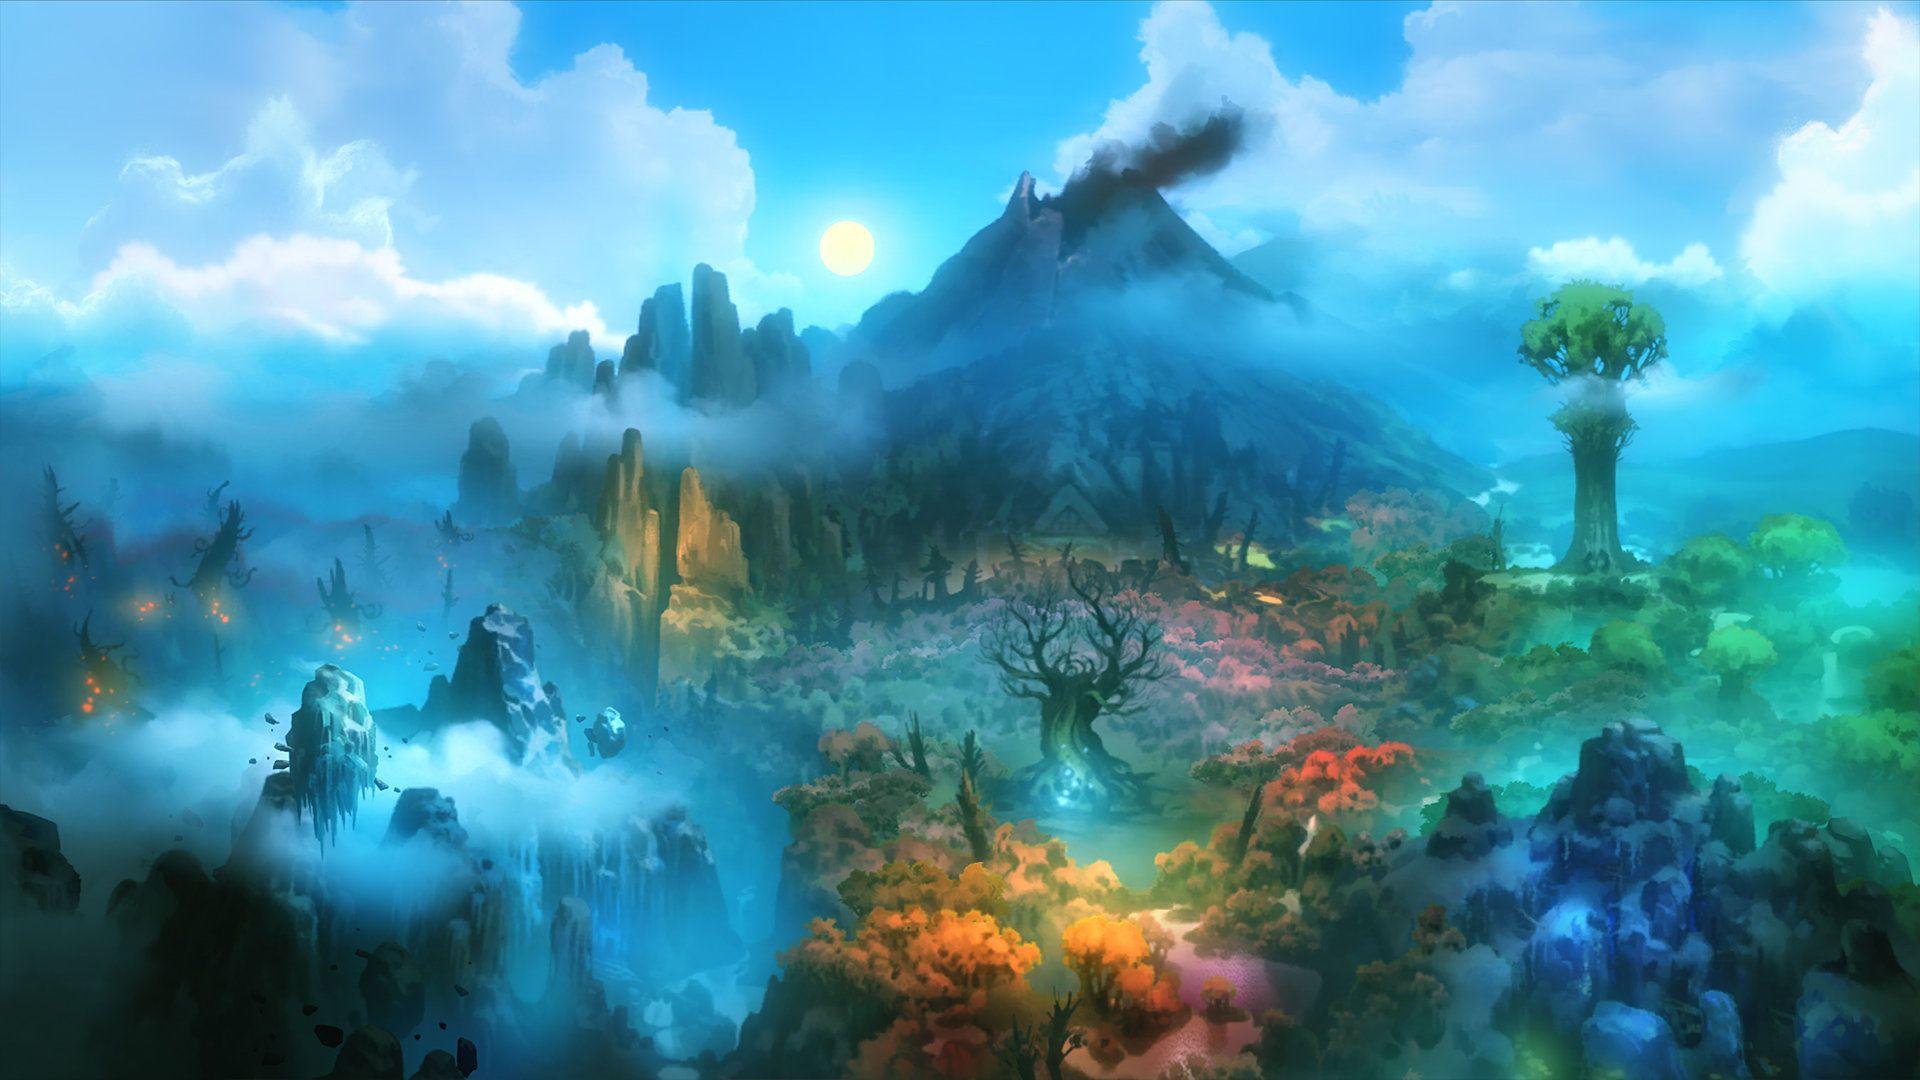 Ori And The Blind Forest Game Art Johannes Figlhuber Fantasy Art Landscapes Forest Wallpaper Fantasy Landscape